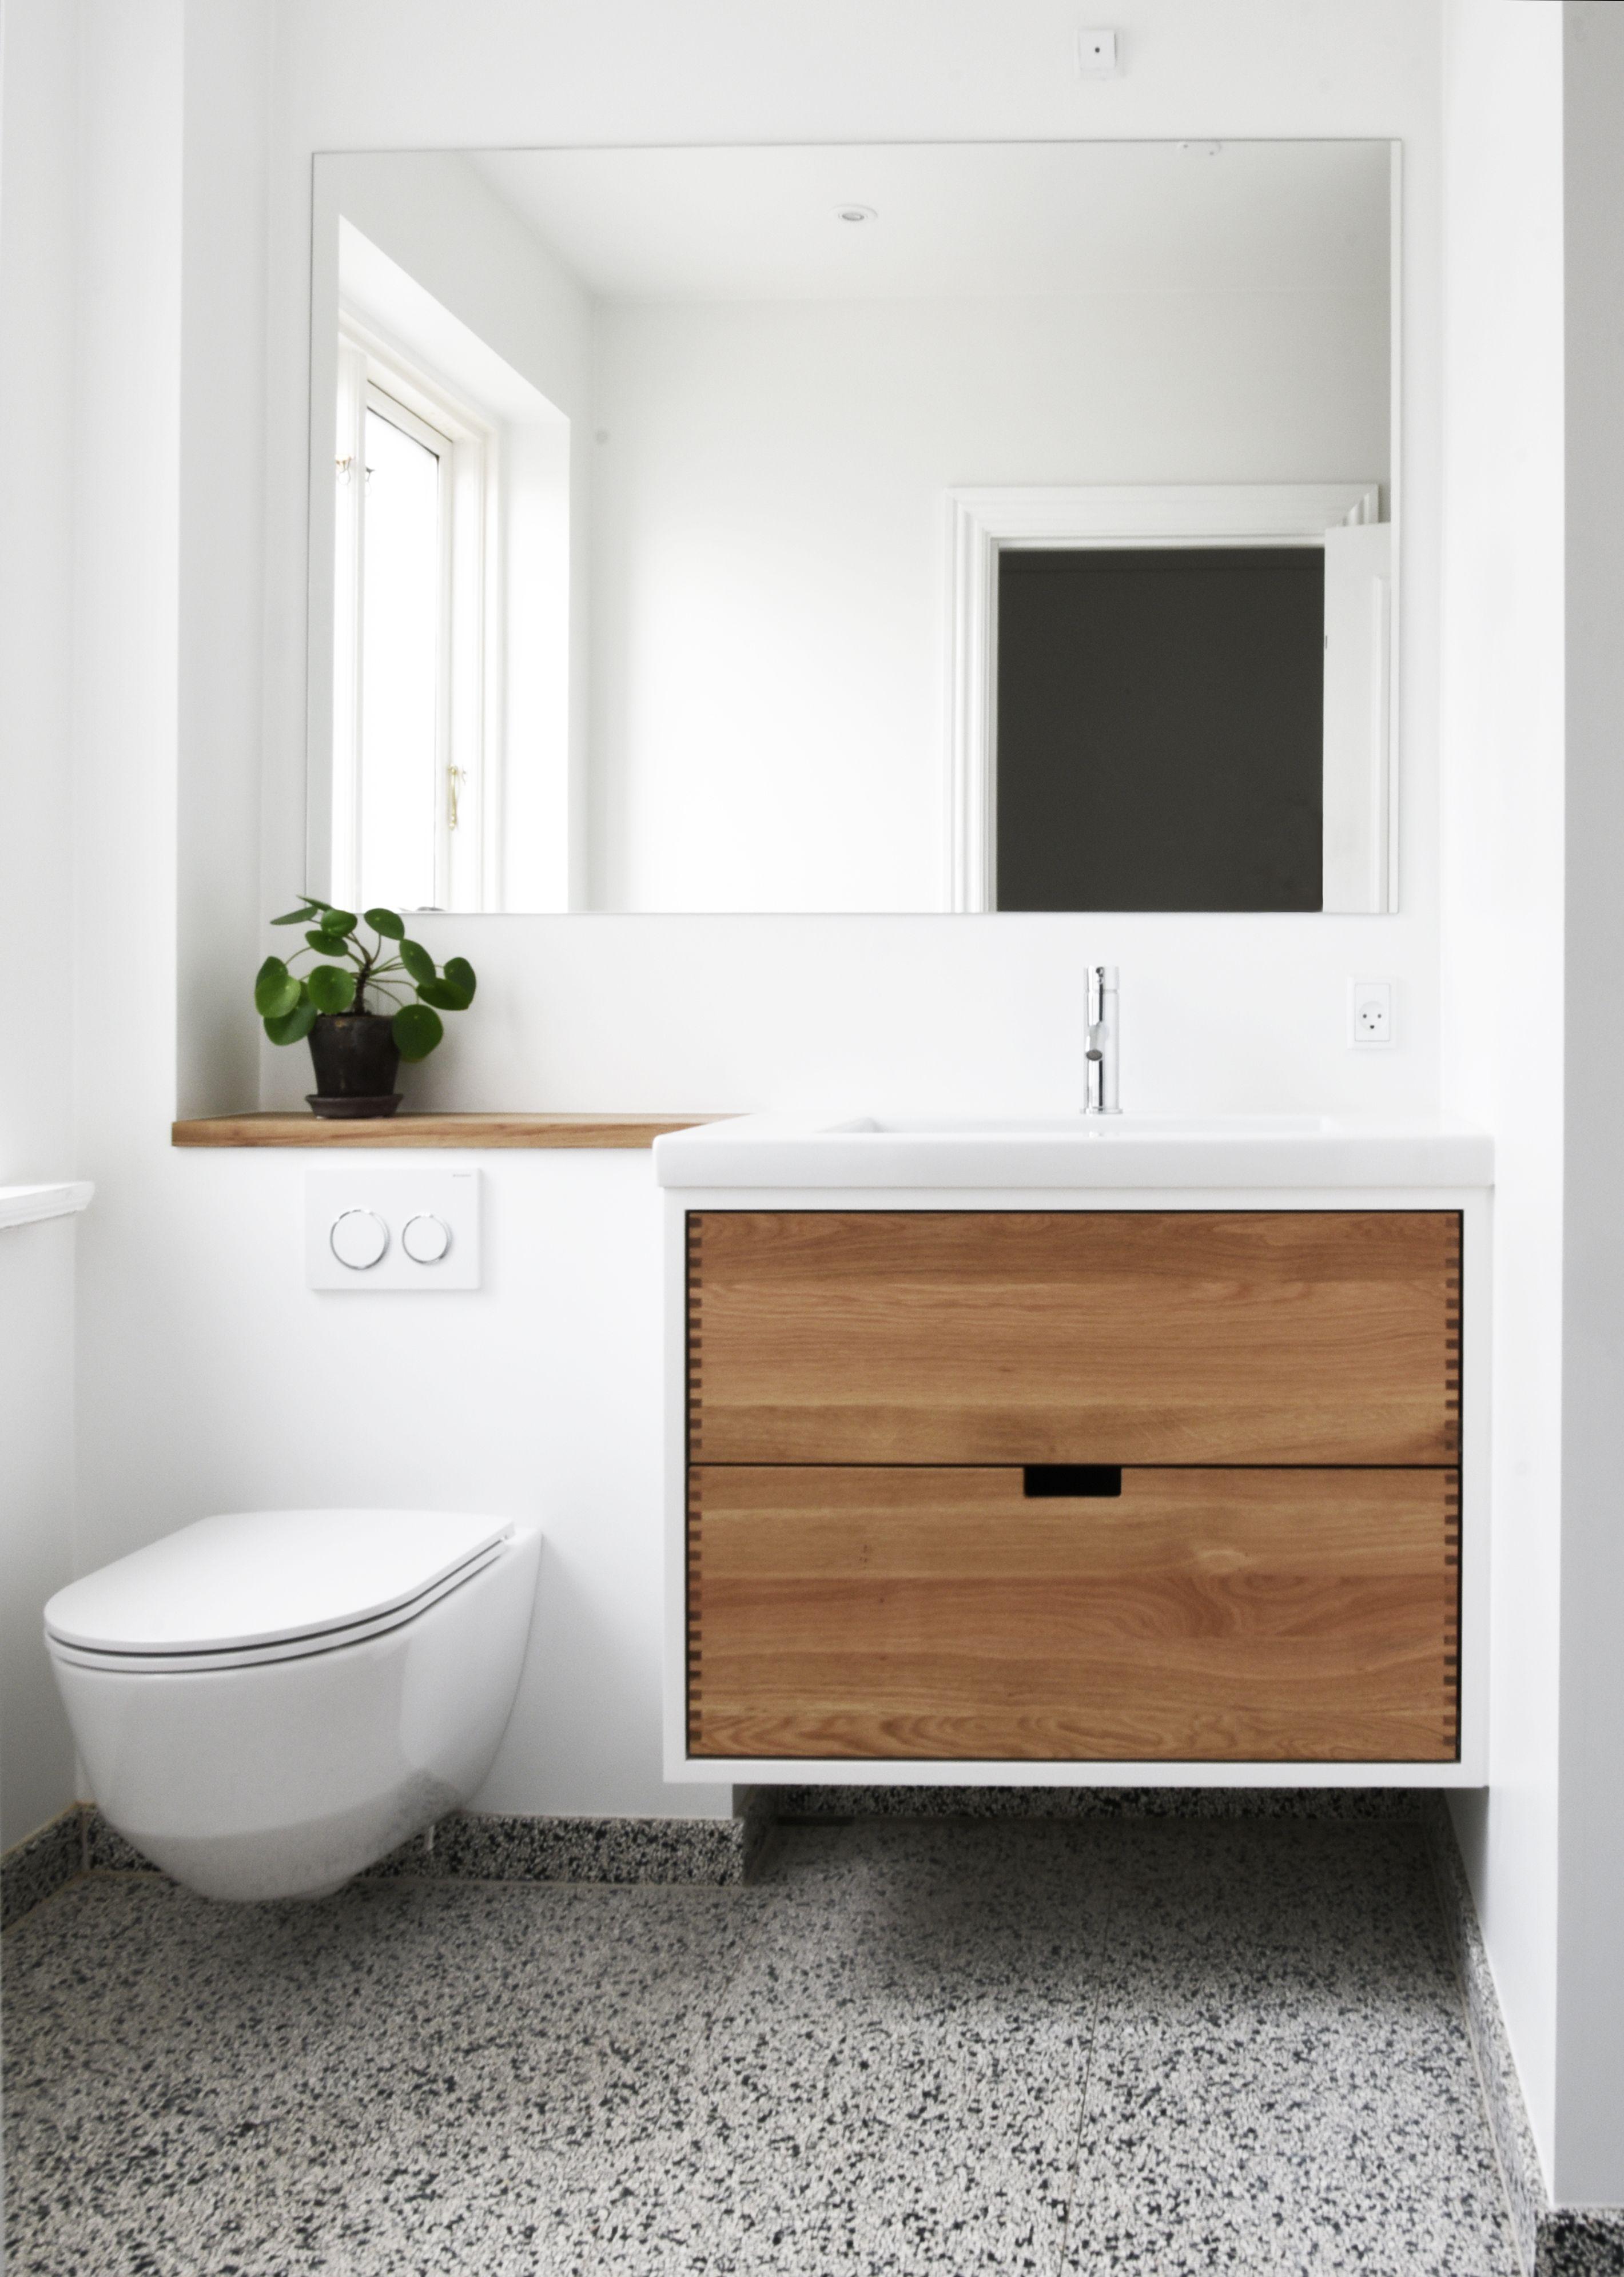 Badeværelsesmøbel i neutral eg og porcelæn